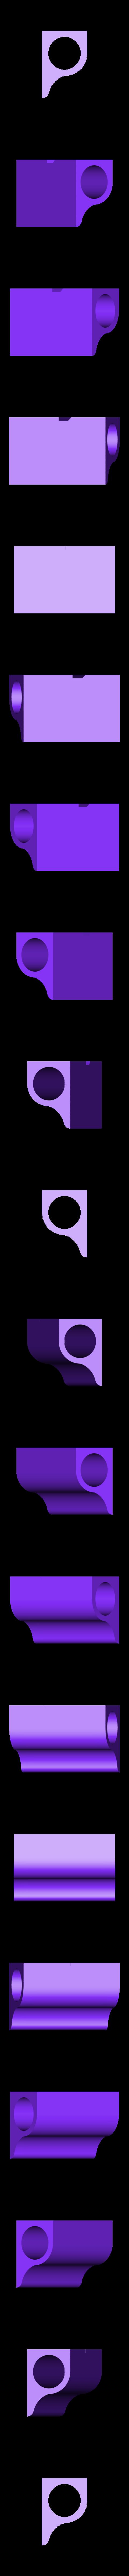 BarHolderLeft.stl Télécharger fichier STL gratuit Supports de support de rallonge de tube • Objet pour impression 3D, Balkhagal4D